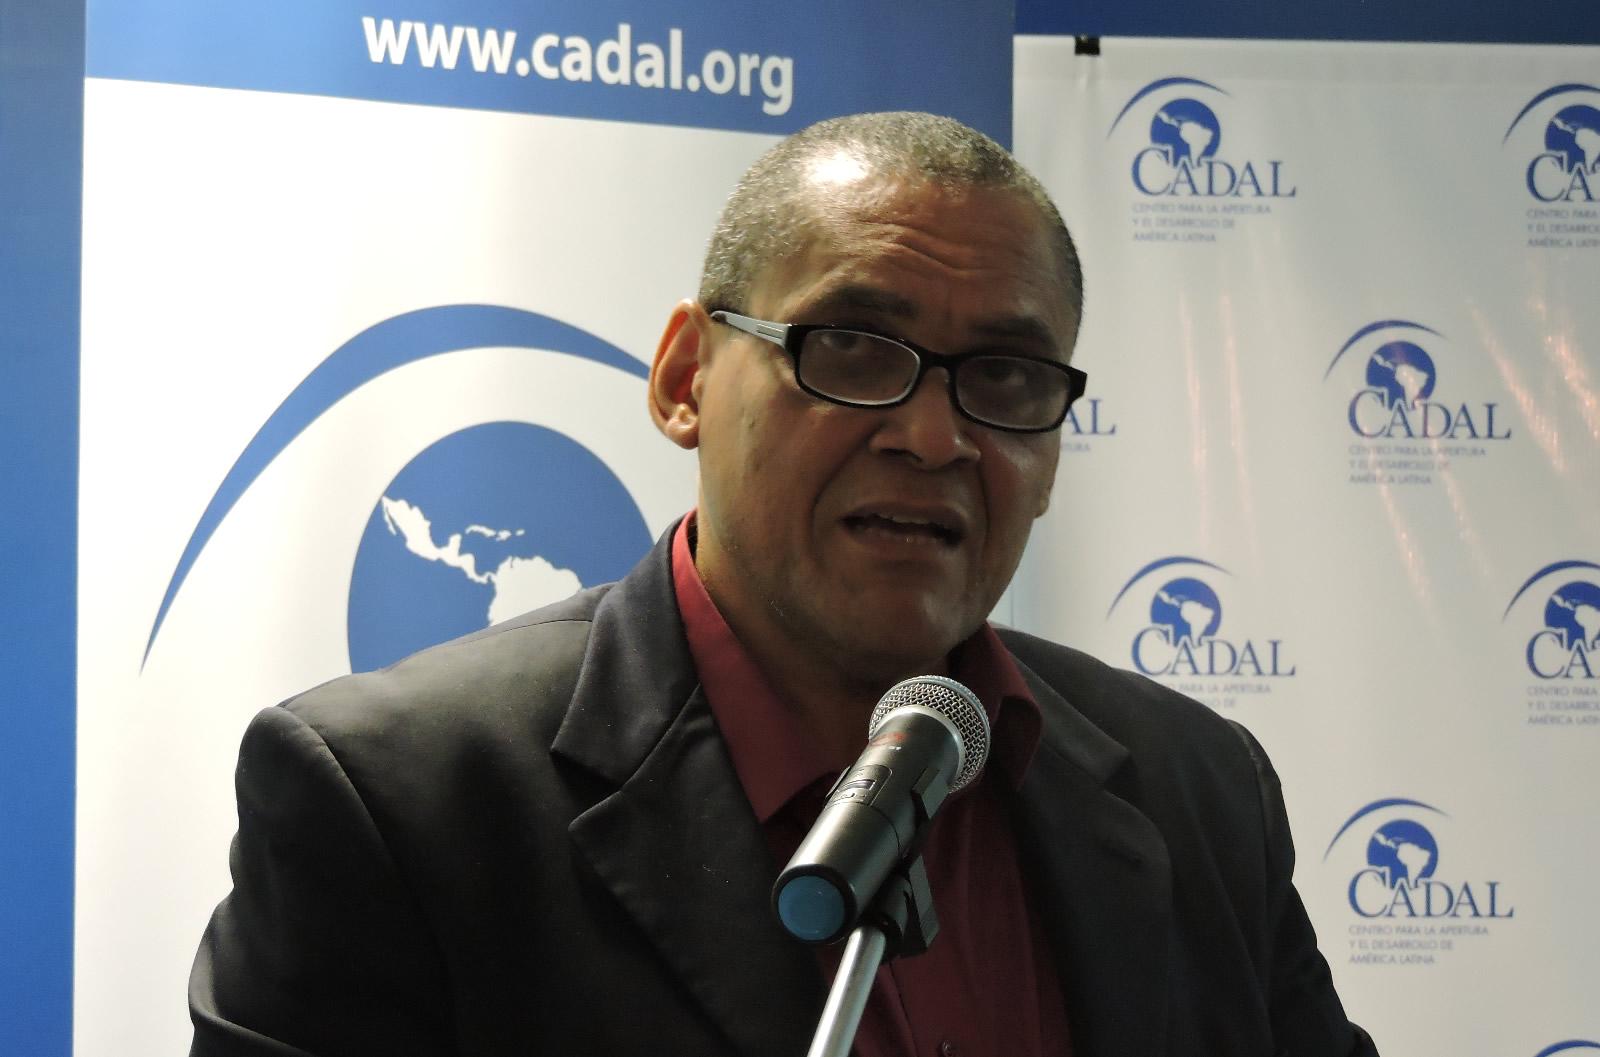 Jorge Olivera Castillo en la sede de CADAL - Aniversario de la Primavera Negra de Cuba